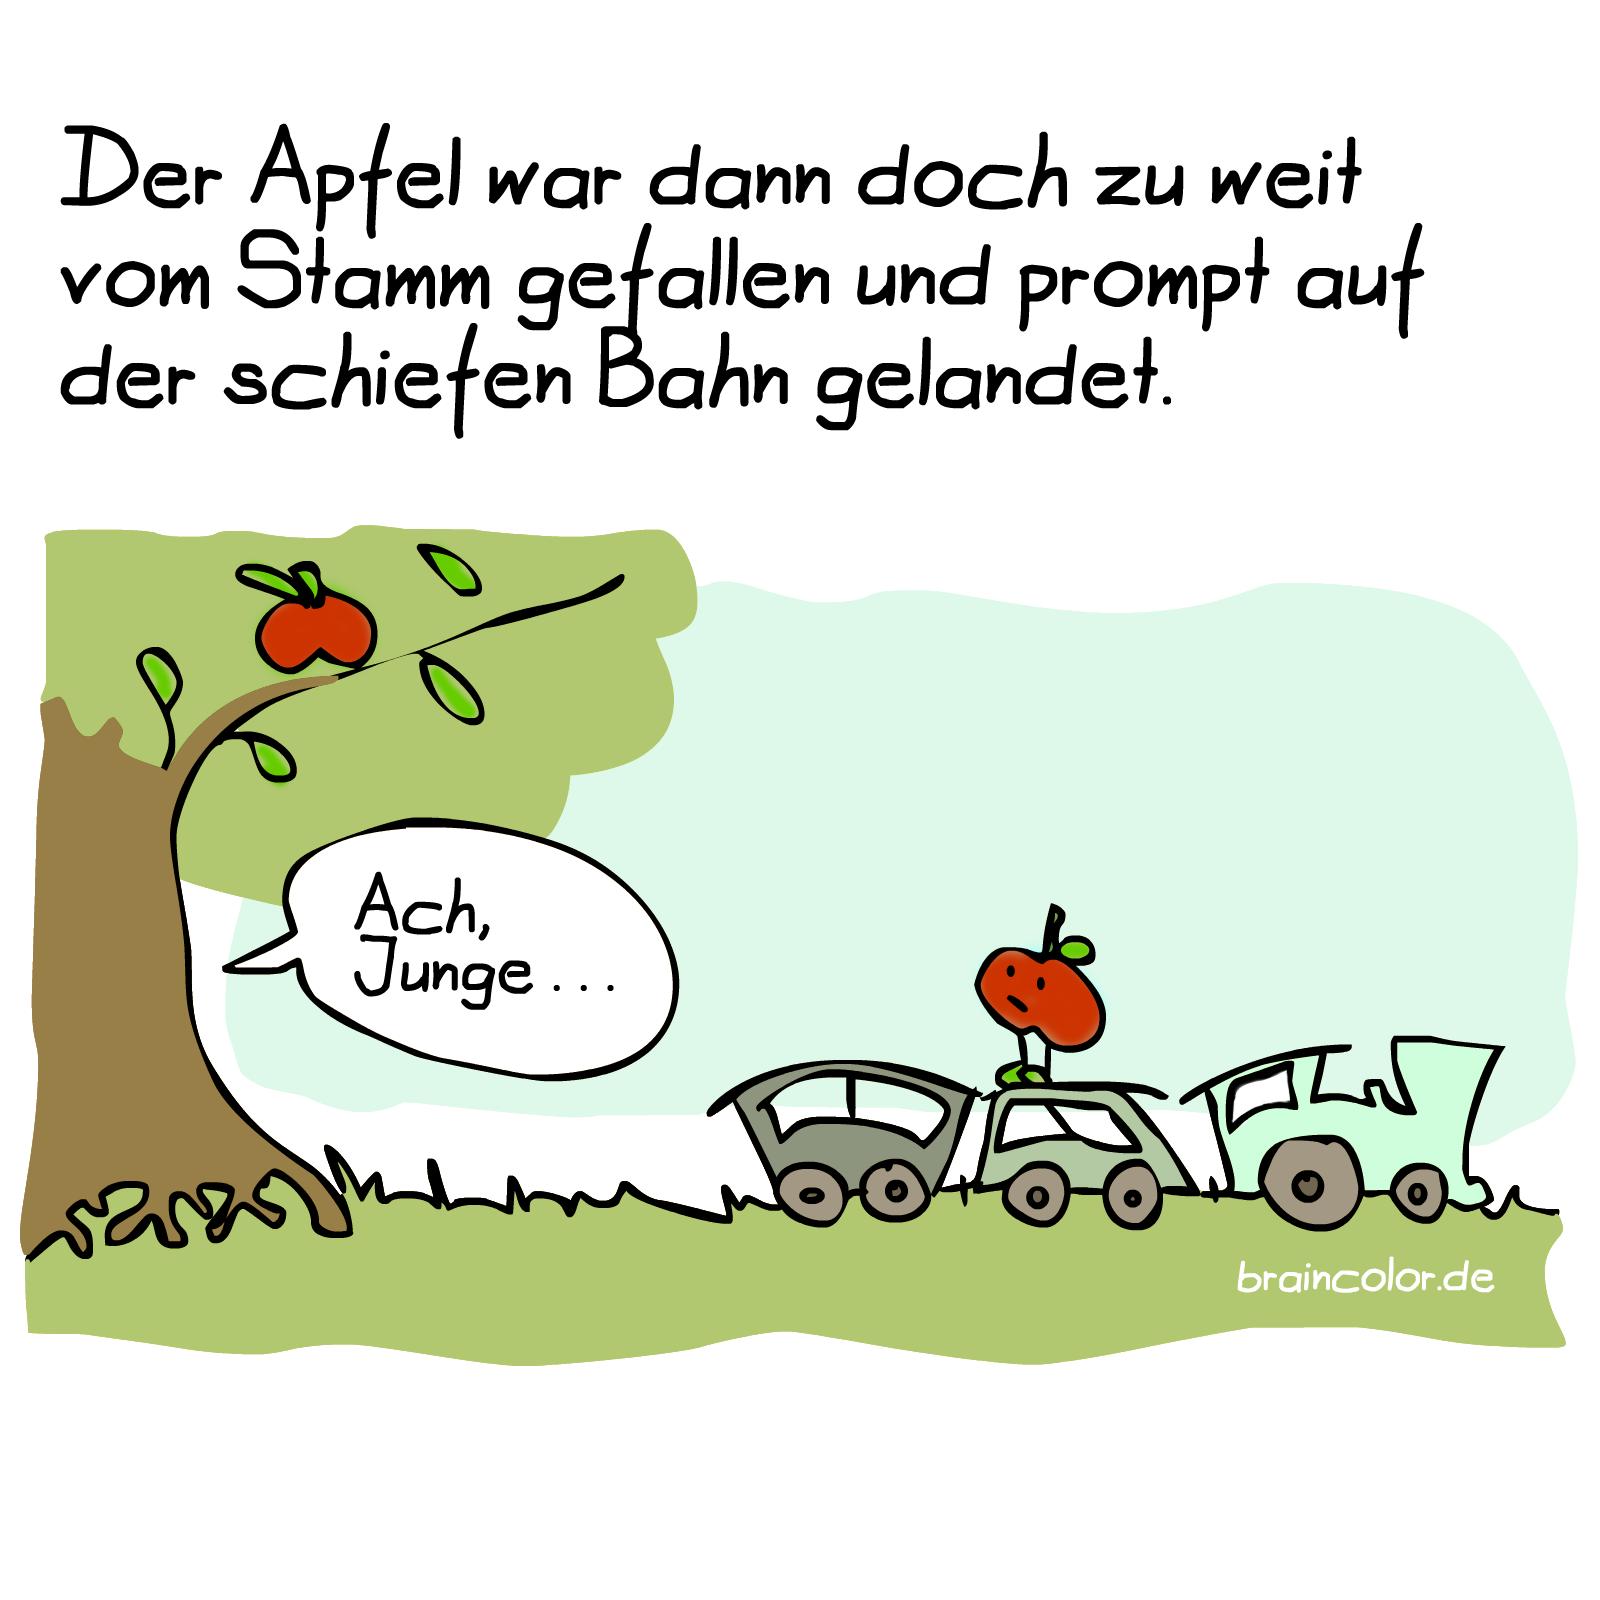 Der Apfel fiel zu weit vom Stamm